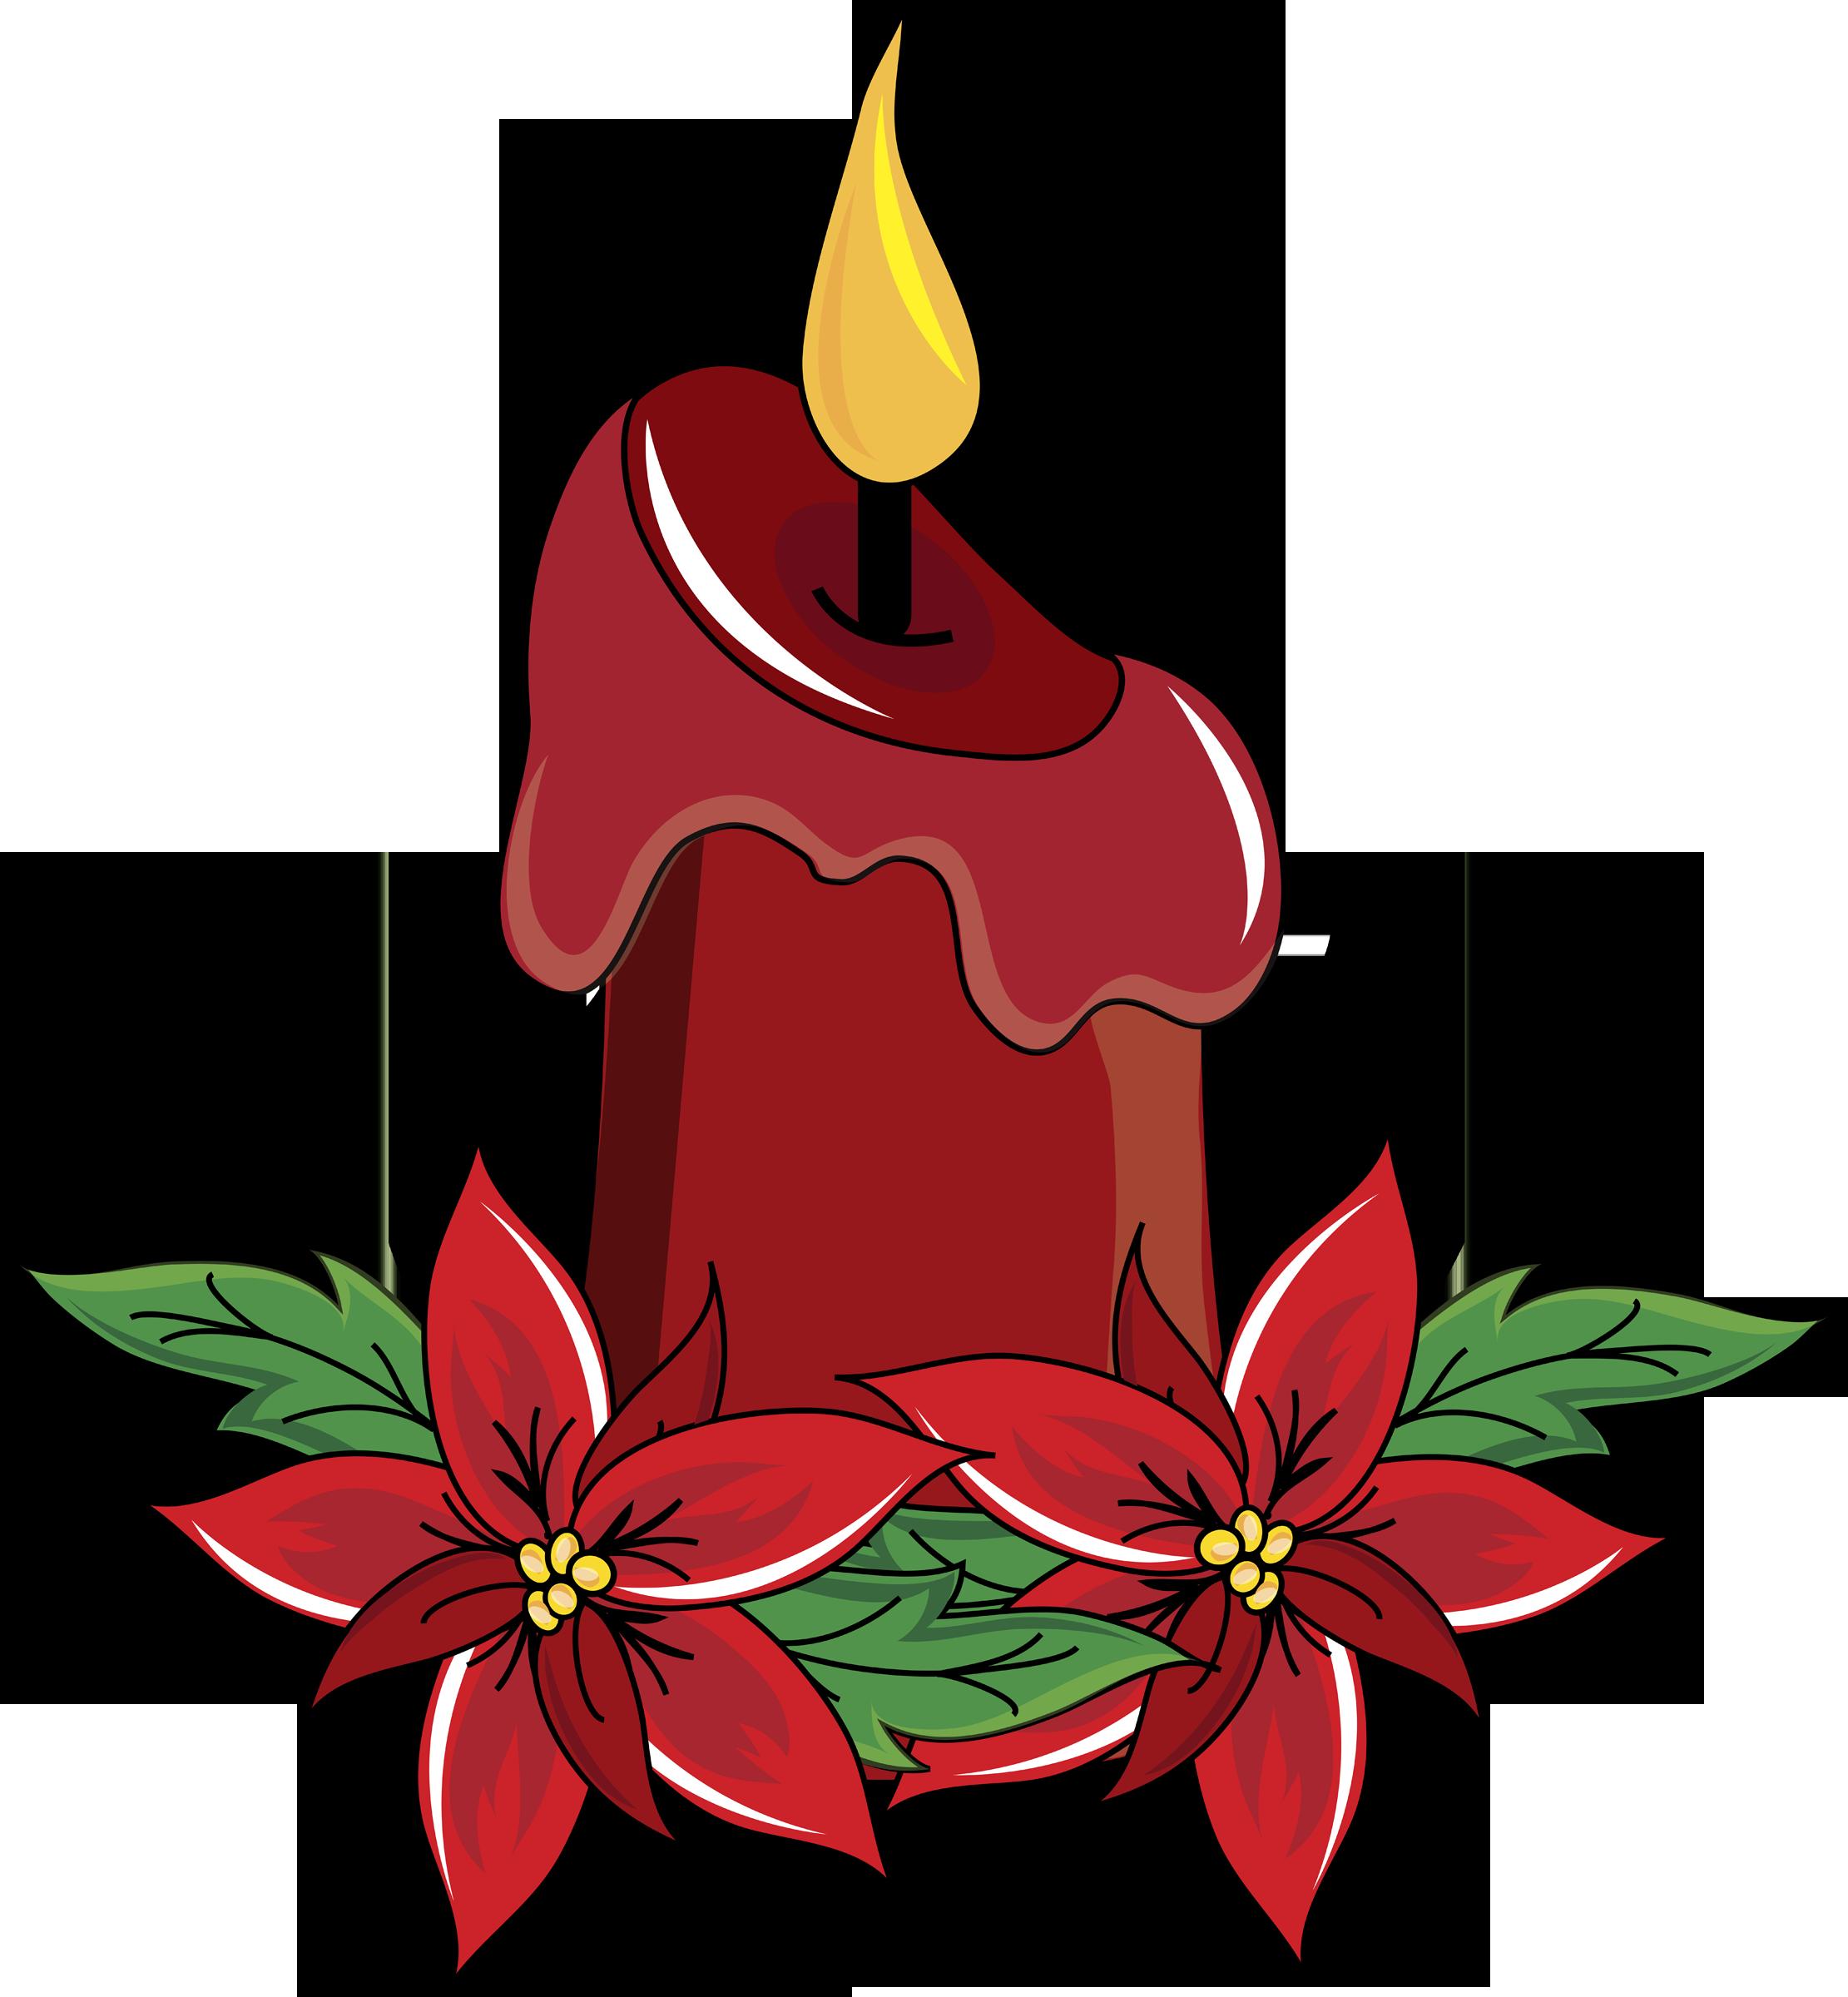 Poinsettias clipart candel. December epworth united methodist